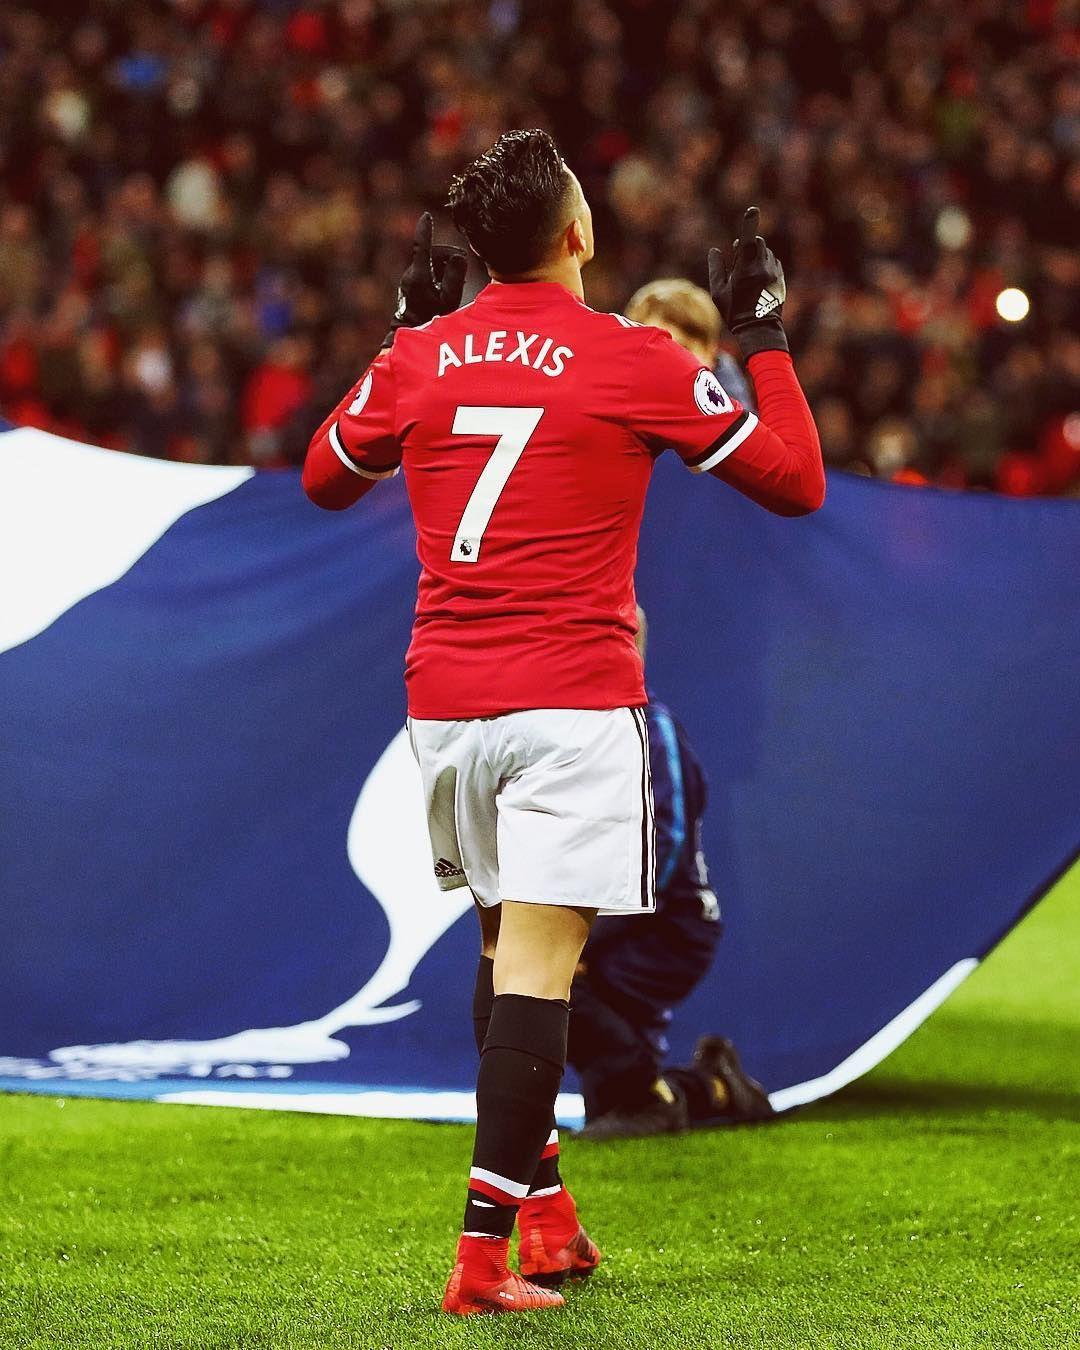 Alexis Sanchez Chile MUFC Keke